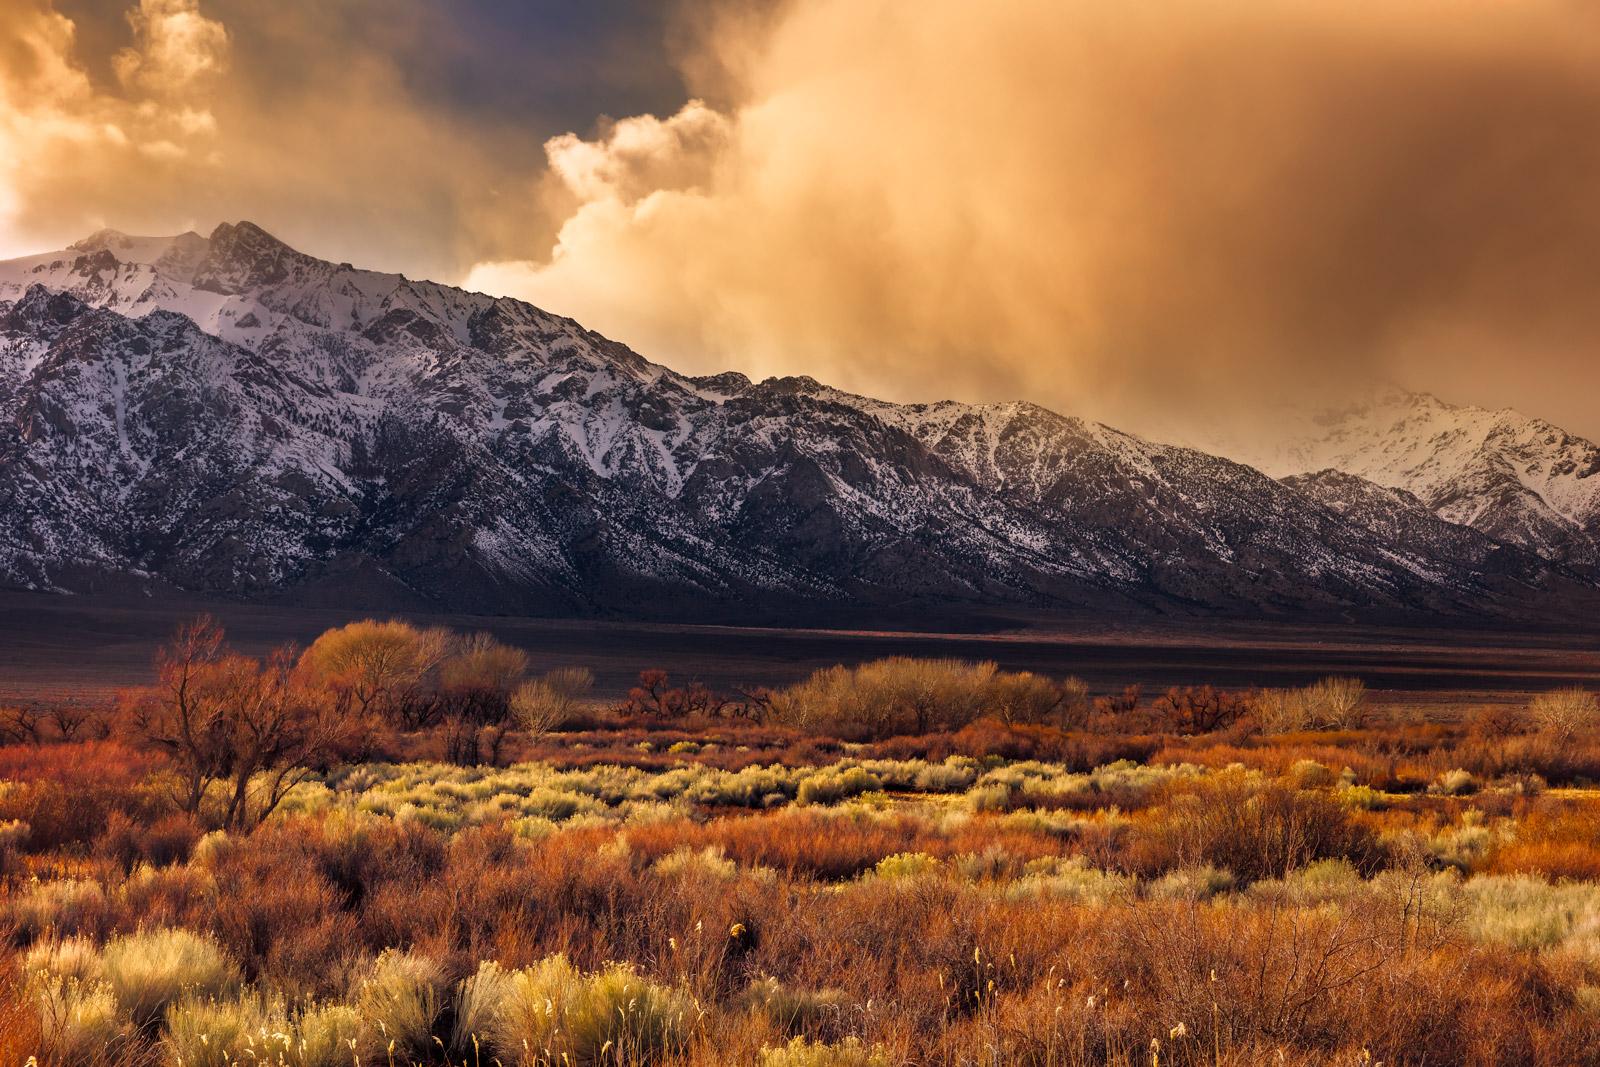 California, Eastern Sierra, Winter, Sunset, Mountain, photo